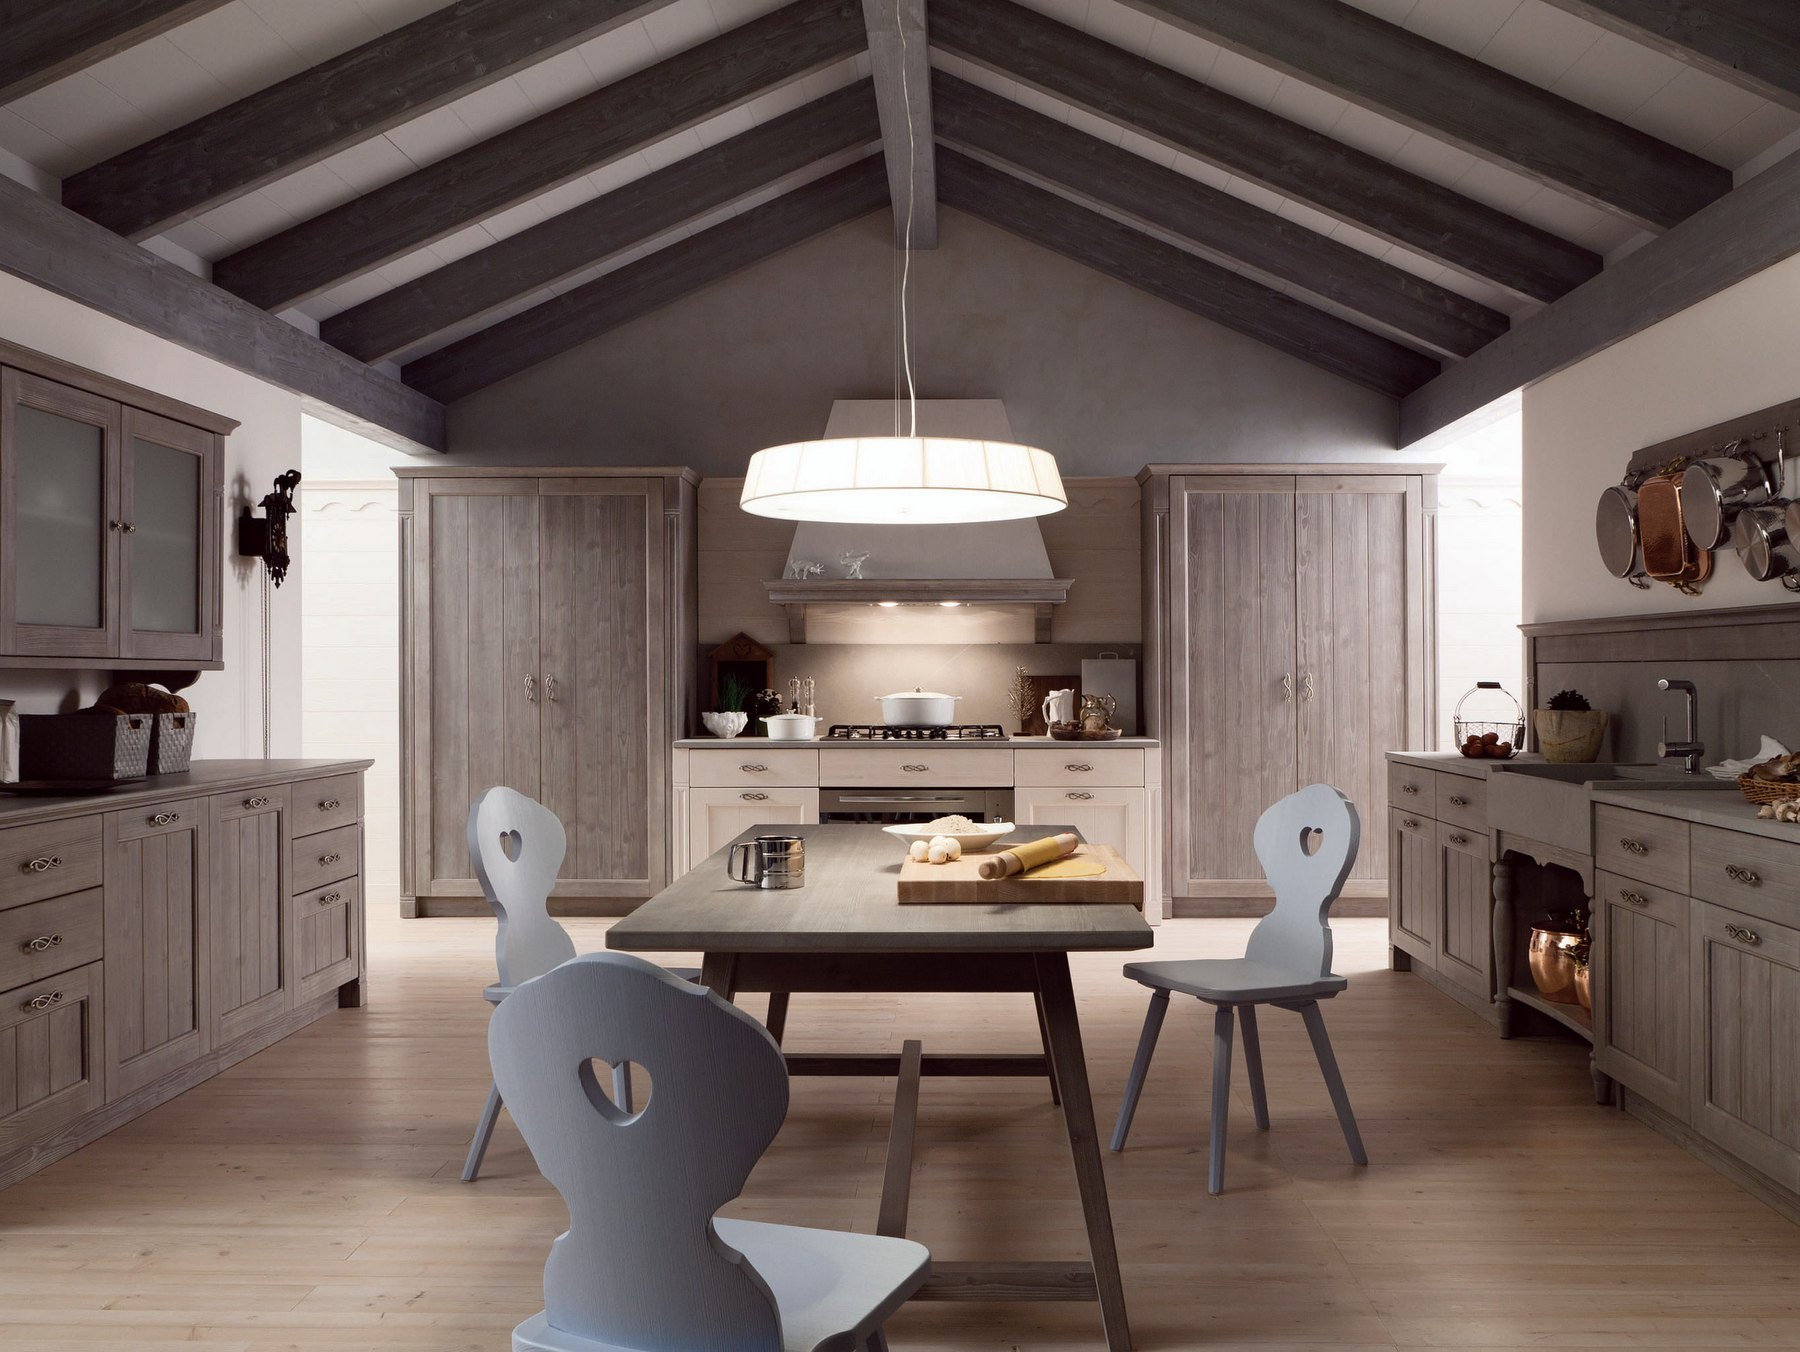 Cucina Lineare In Stile Rustico TABIÀ T03 By Scandola Mobili #7C634F 1800 1352 Arredamento Moderno Per Cucine